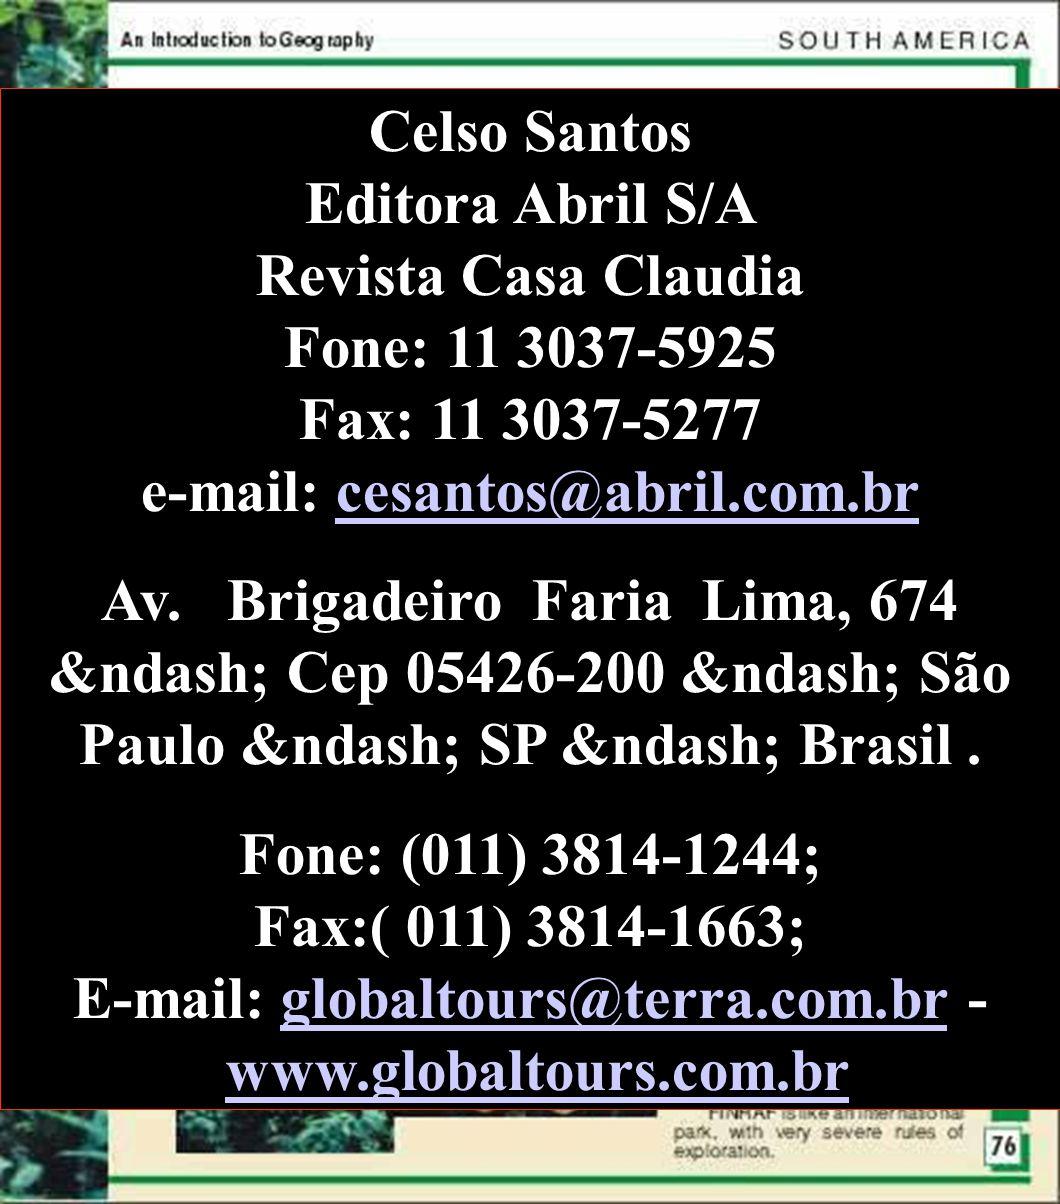 Celso Santos Editora Abril S/A Revista Casa Claudia Fone: 11 3037-5925 Fax: 11 3037-5277 e-mail: cesantos@abril.com.brcesantos@abril.com.br Av. Brigad